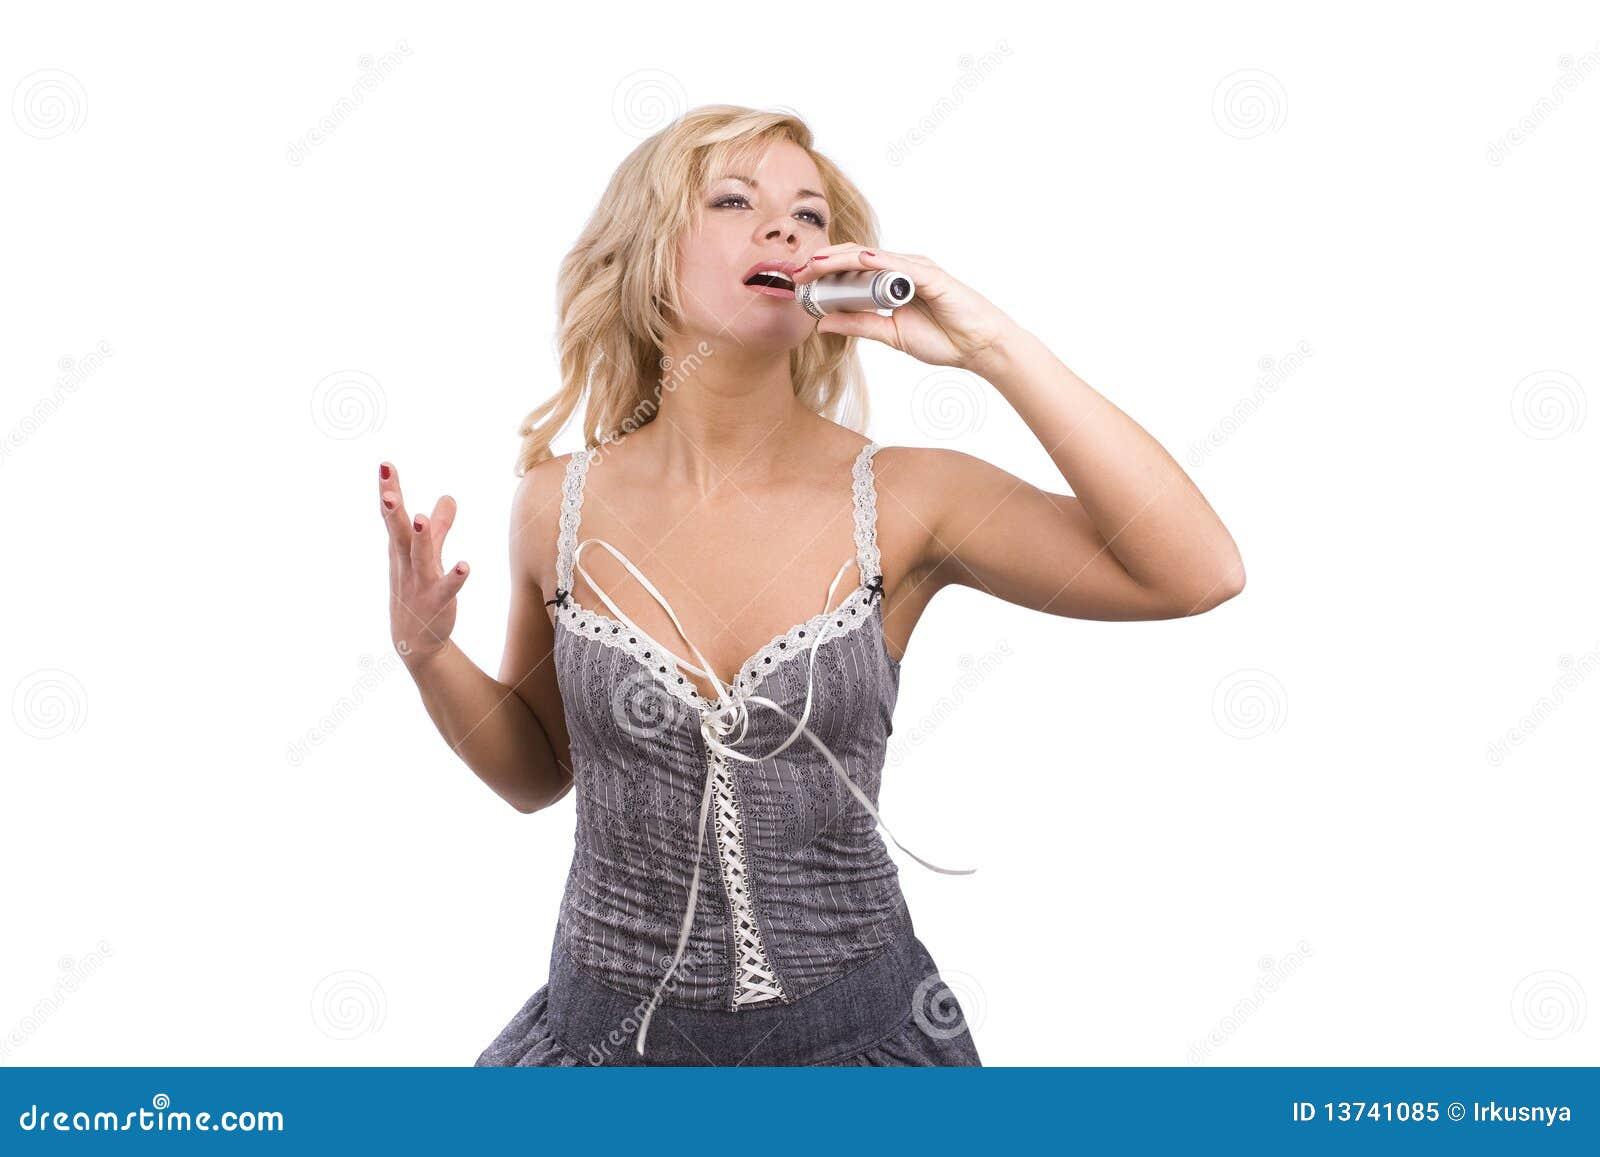 Zanger. Het jonge vrouw zingen in microfoon.